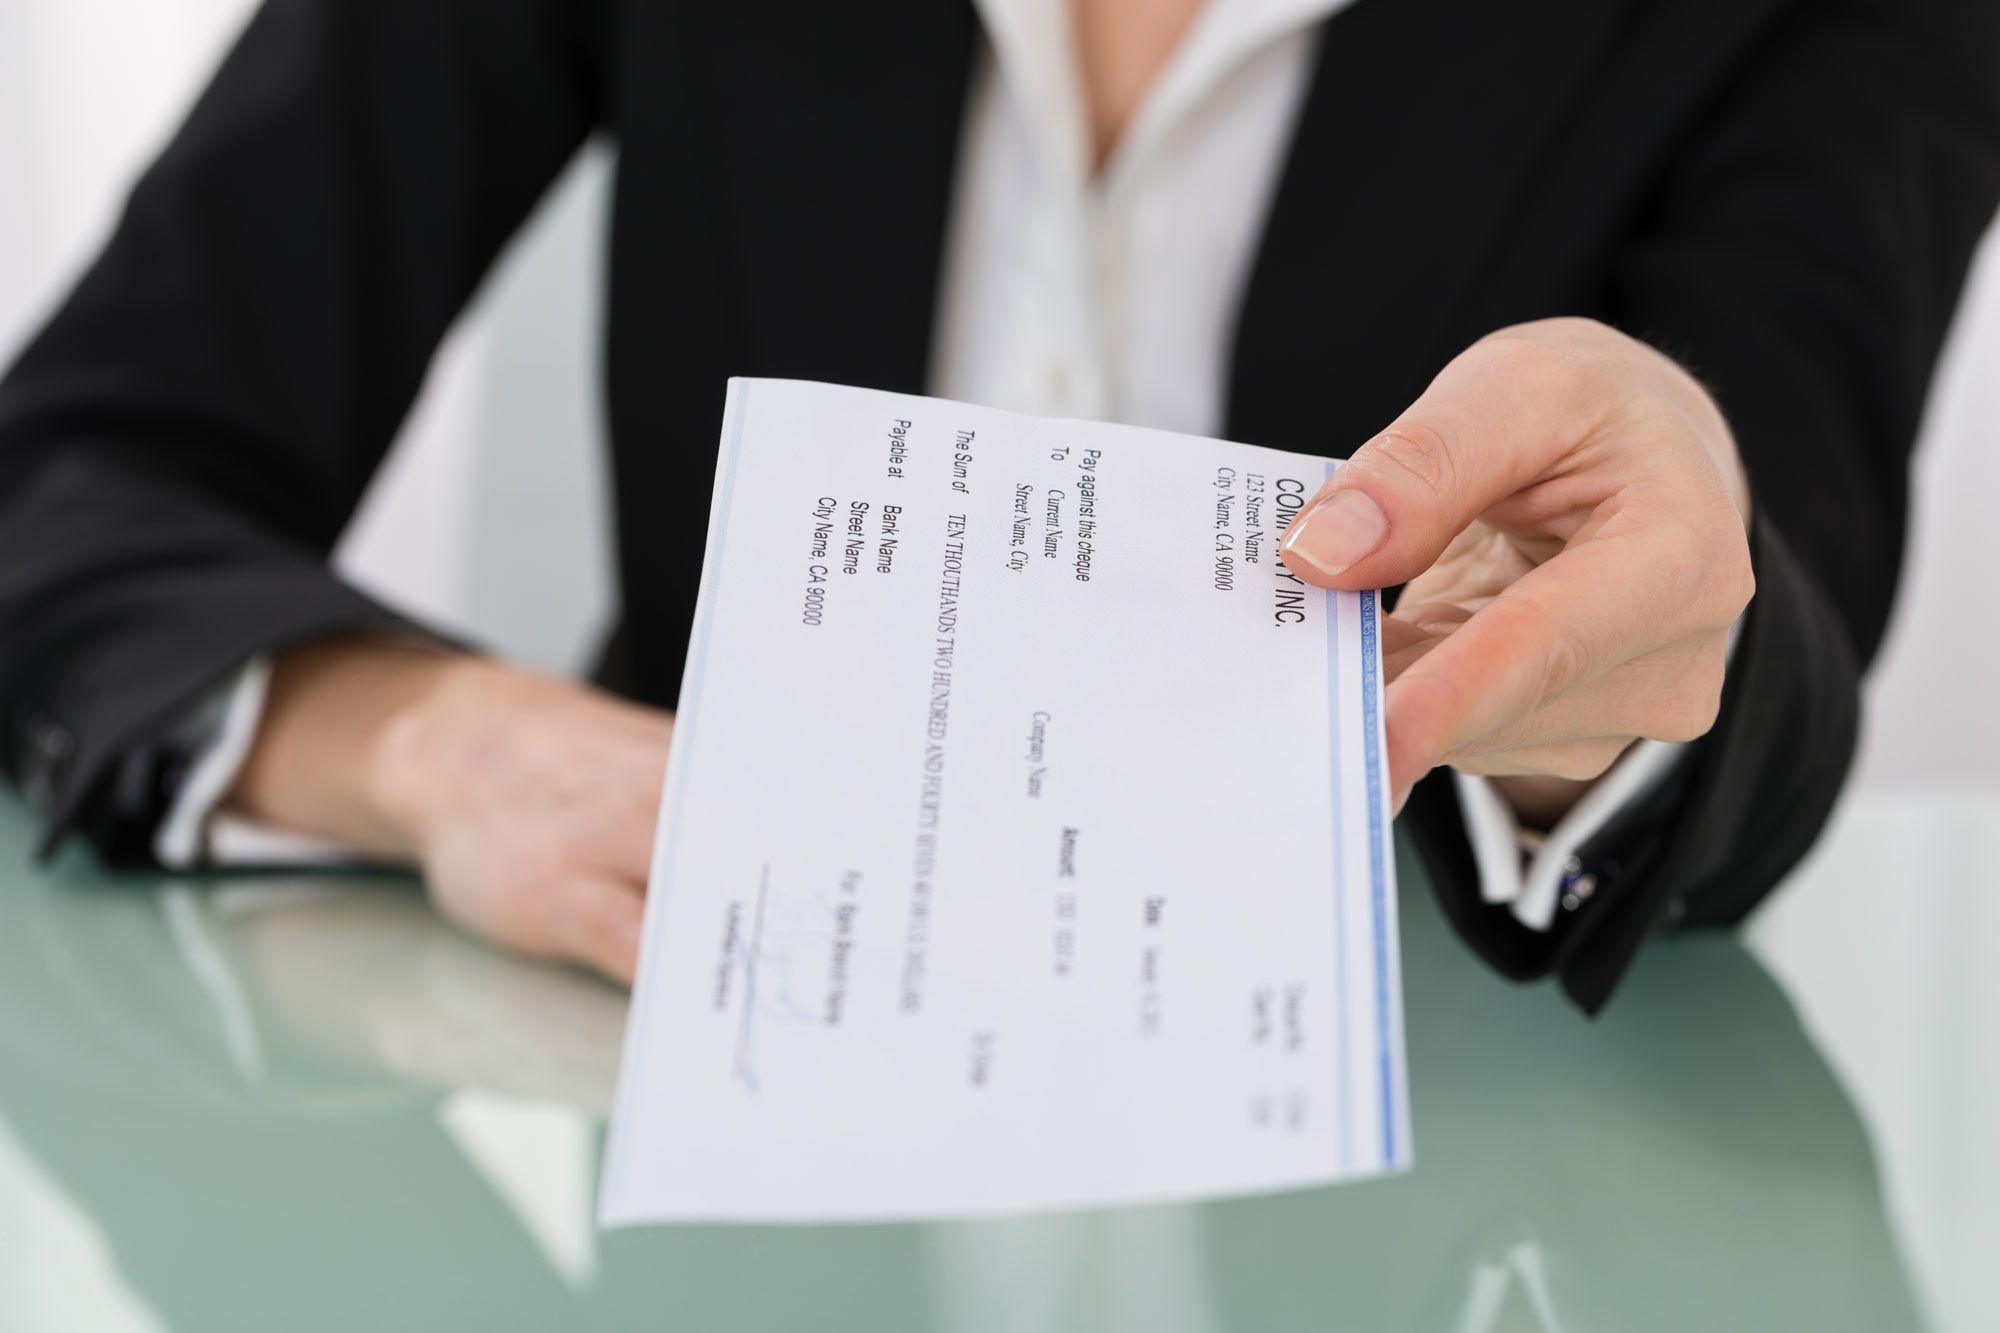 È responsabile la banca che paga un assegno ad un falso prenditore? Il punto delle Sezioni Unite